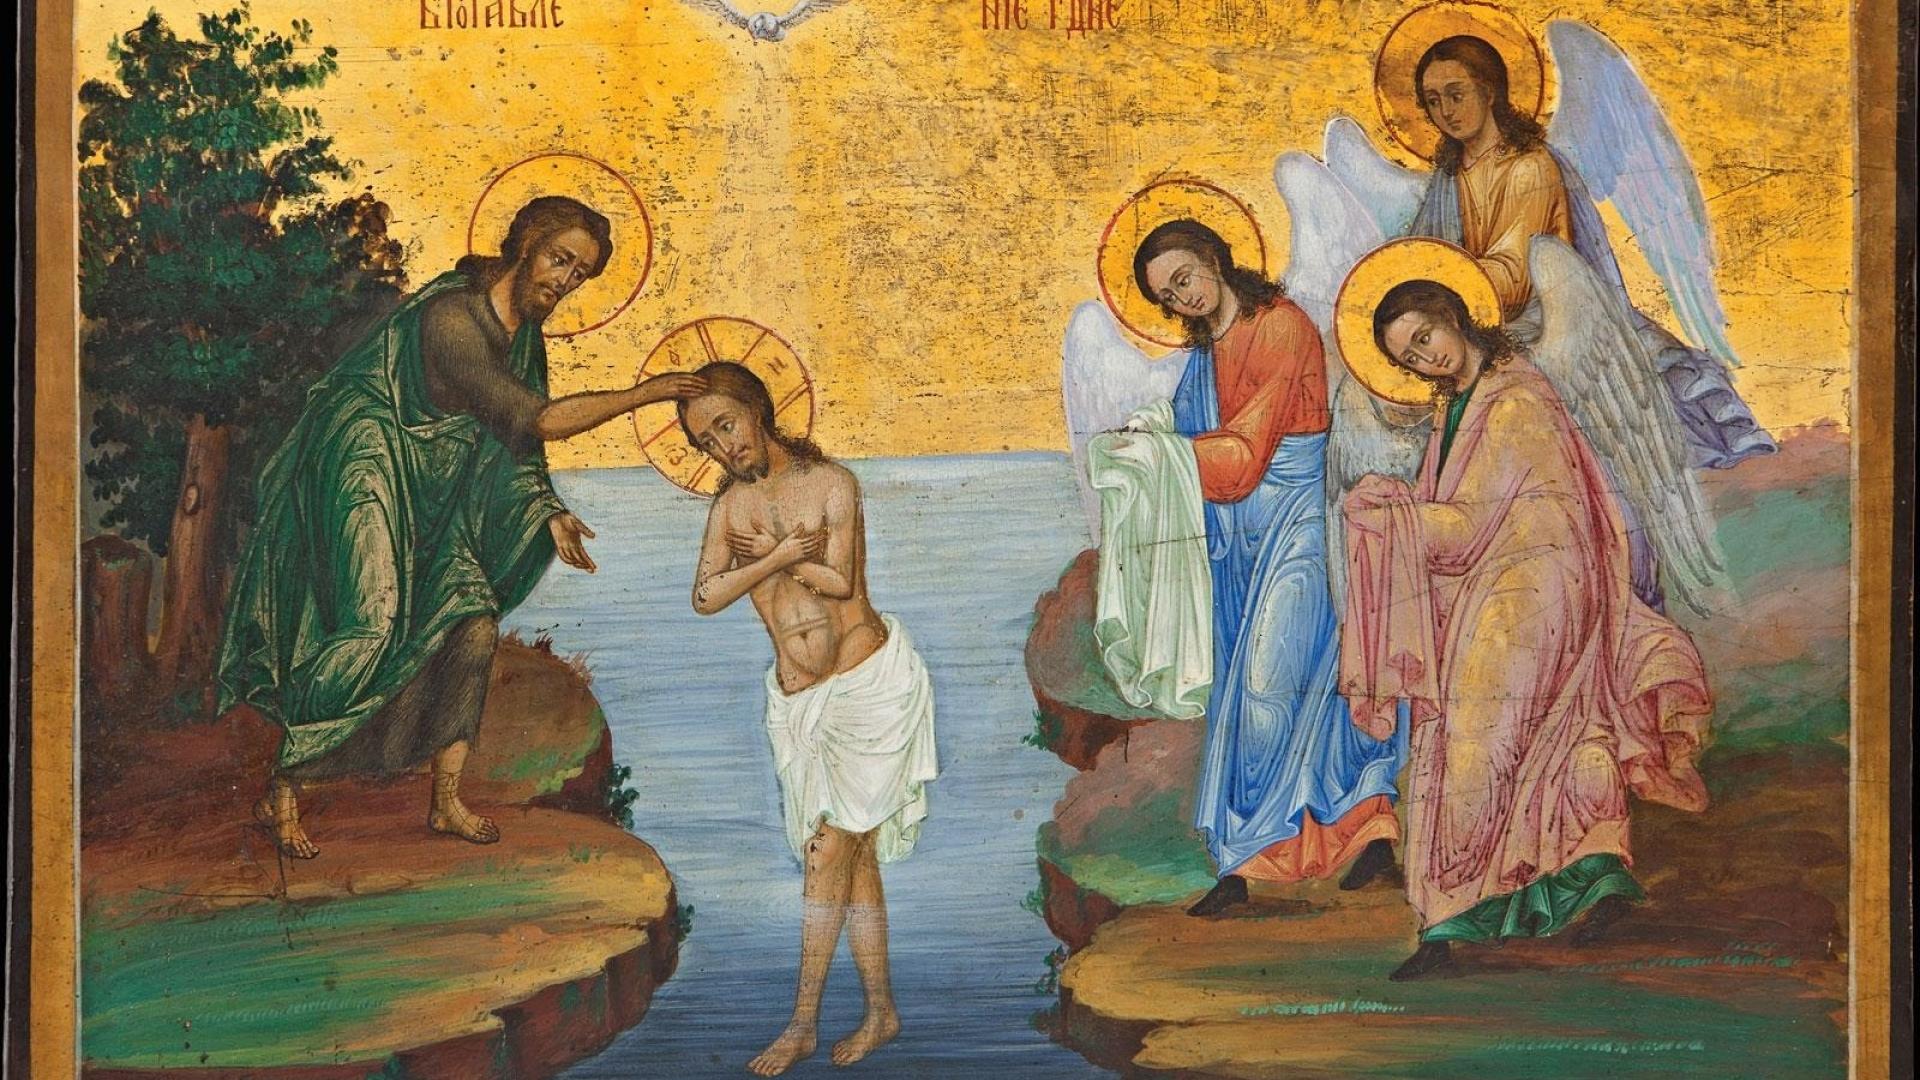 ДНЕС ПОЧИТАМЕ ТАЙНСТВОТО НА ХРИСТИЯНСКОТО ТРИЕДИНСТВО